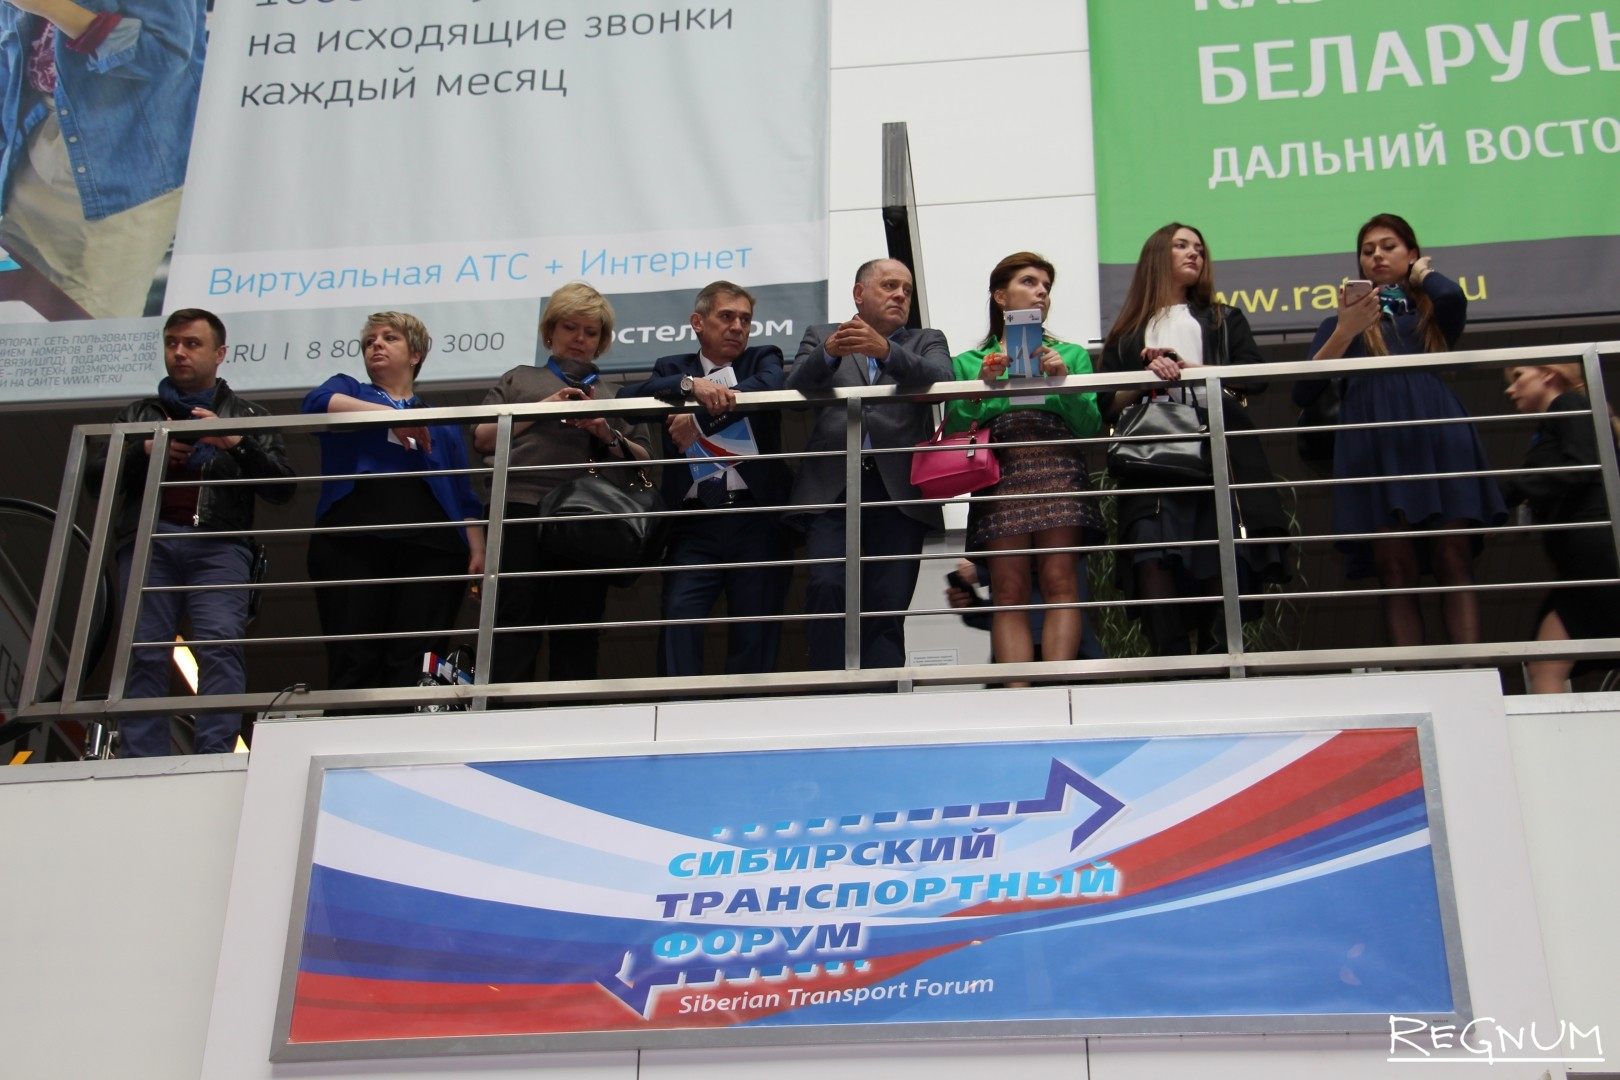 Сибирский транспортный форум в Новосибирске